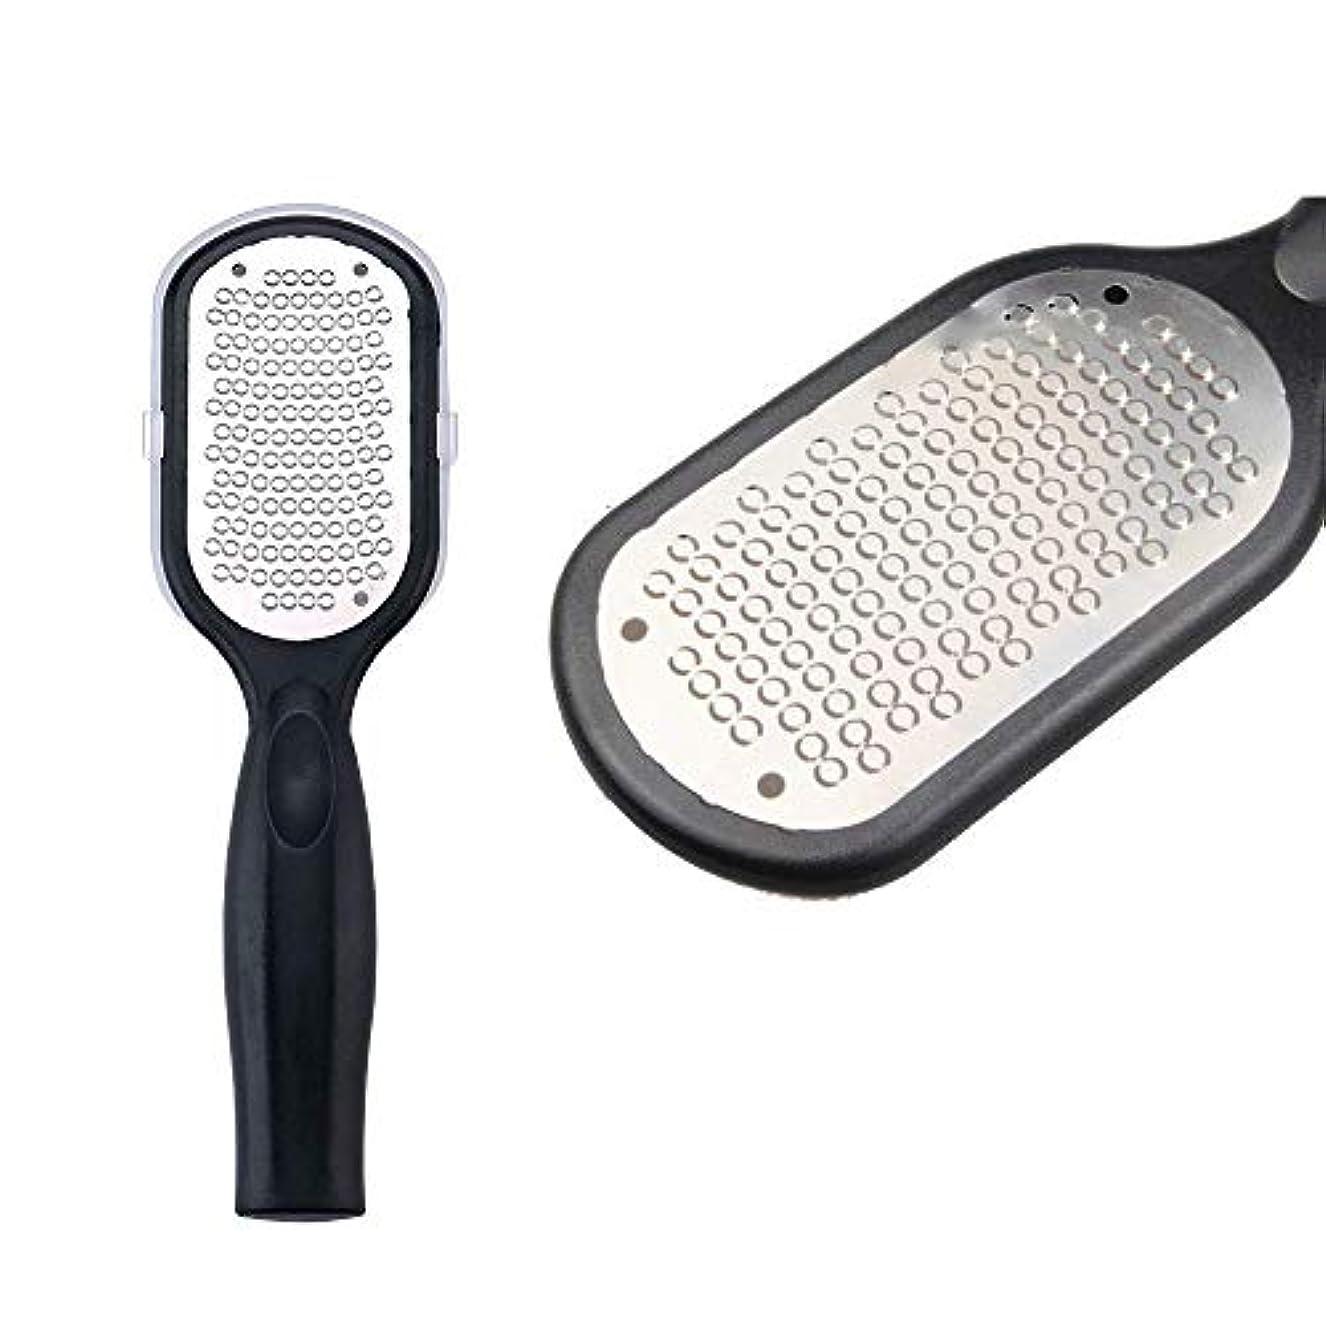 戸口励起読みやすい軽石 かかと 角質取り かかと削り器 お風呂 防水 水洗いOK 衛生的な 角質 リムーバー 削り ケア 除去